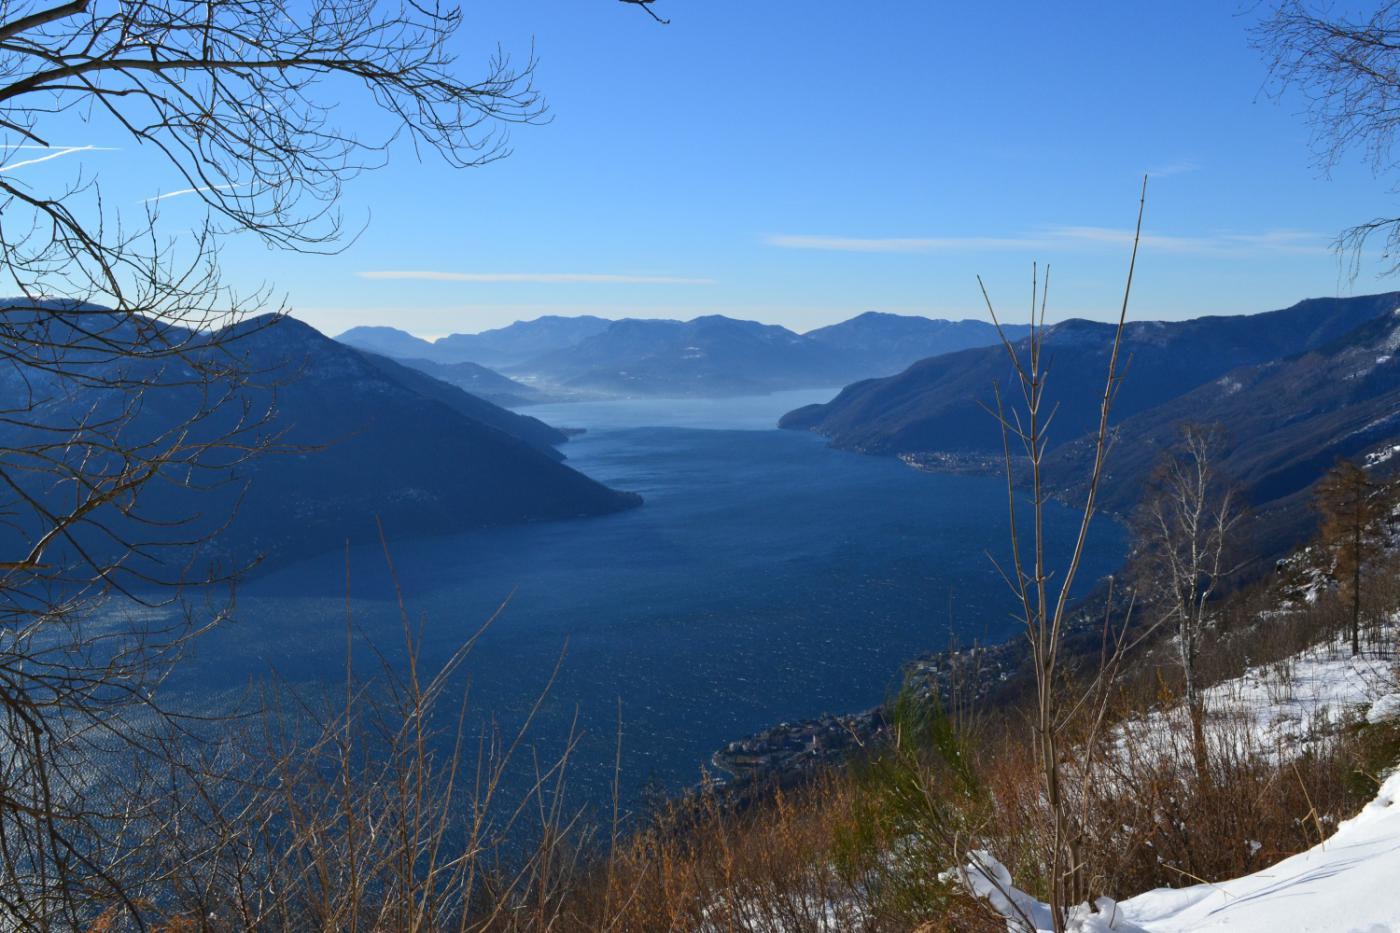 l'ampia vista sul Lago Maggiore